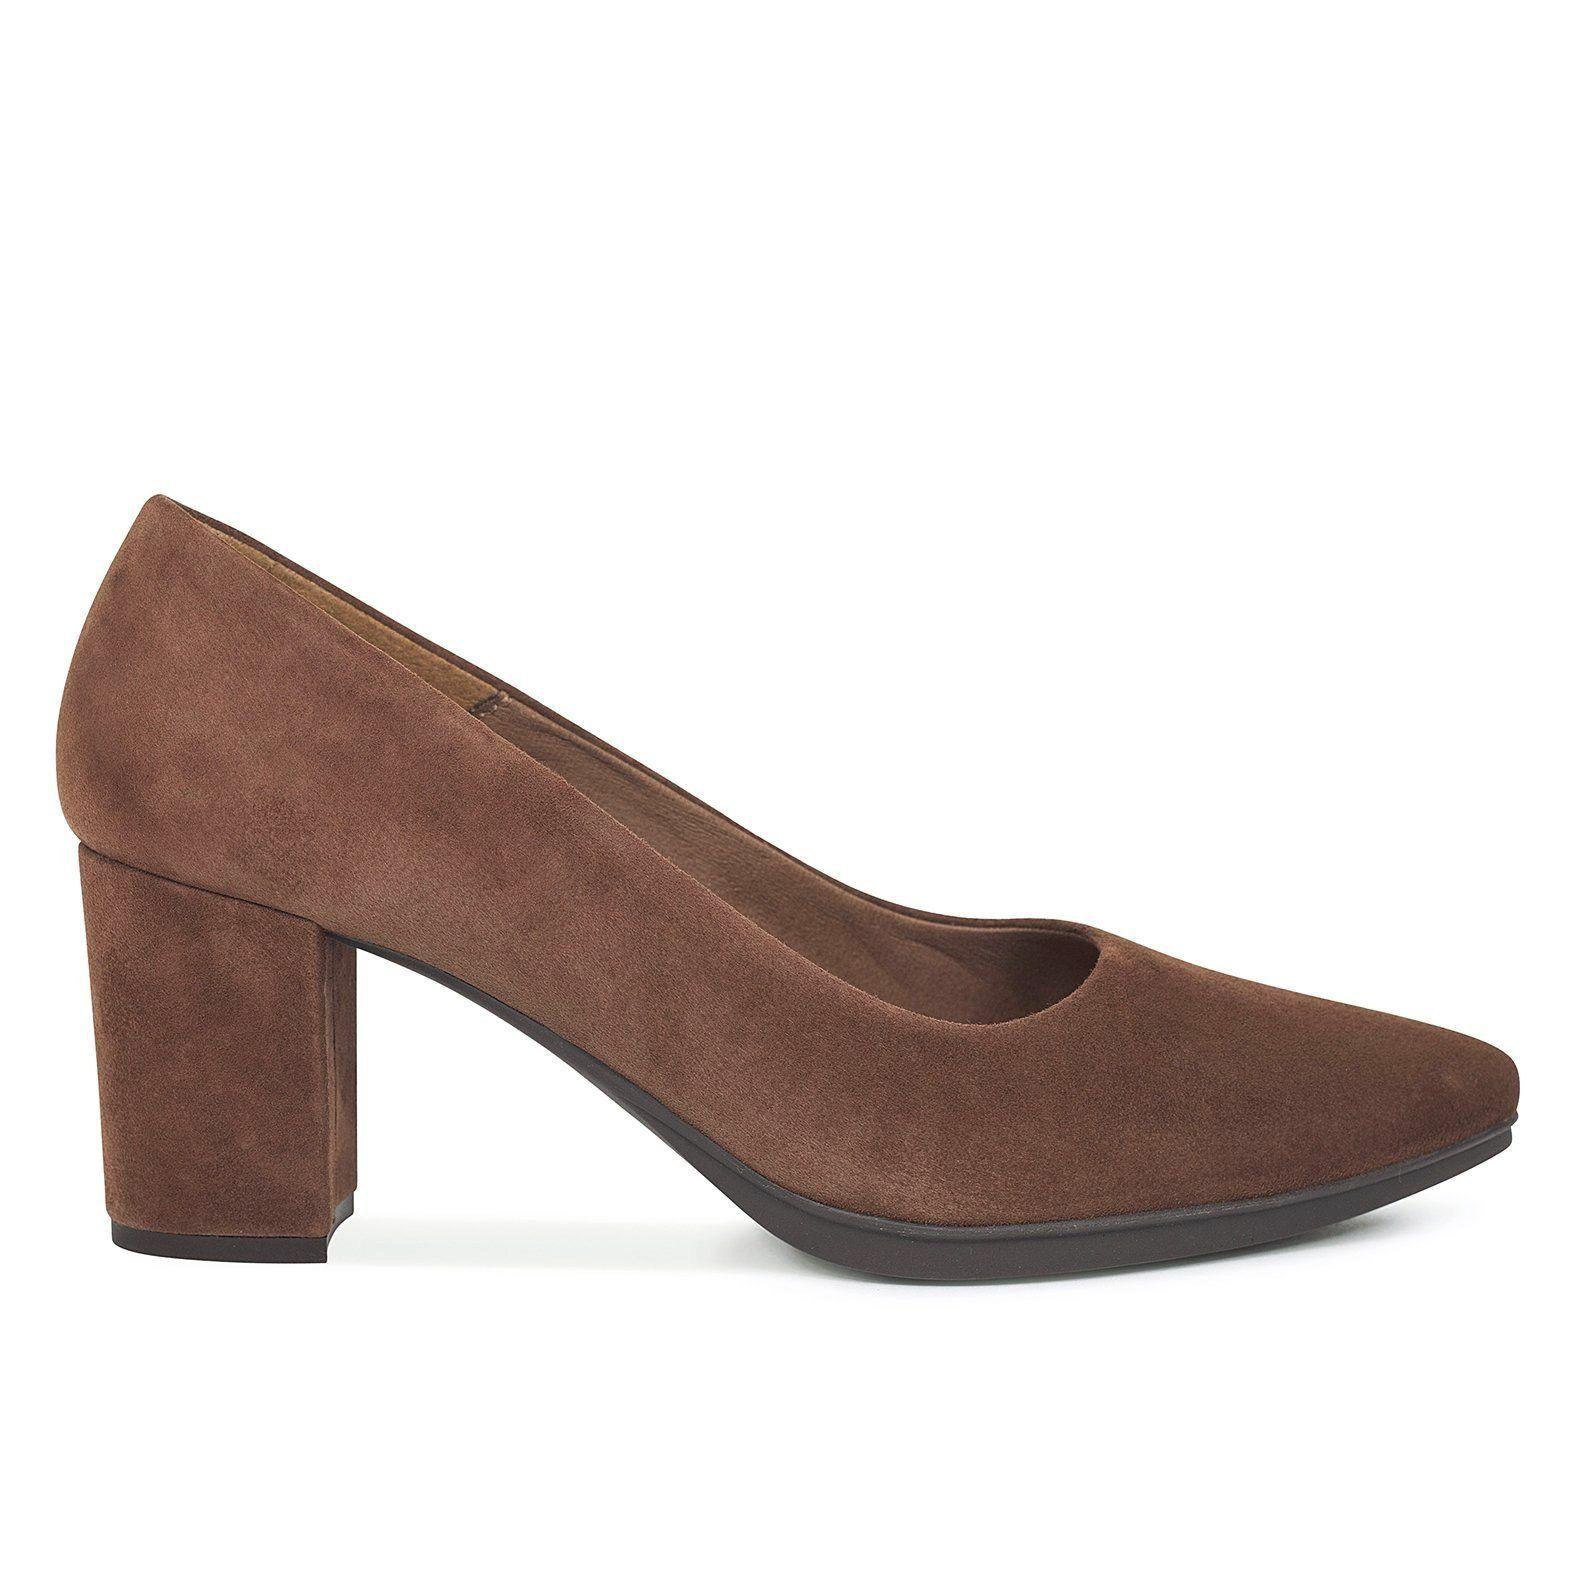 lo último ee81b 7d66a Zapatos mujer tacón bajo MARRÓN OSCURO Urban S - Zapatos ...